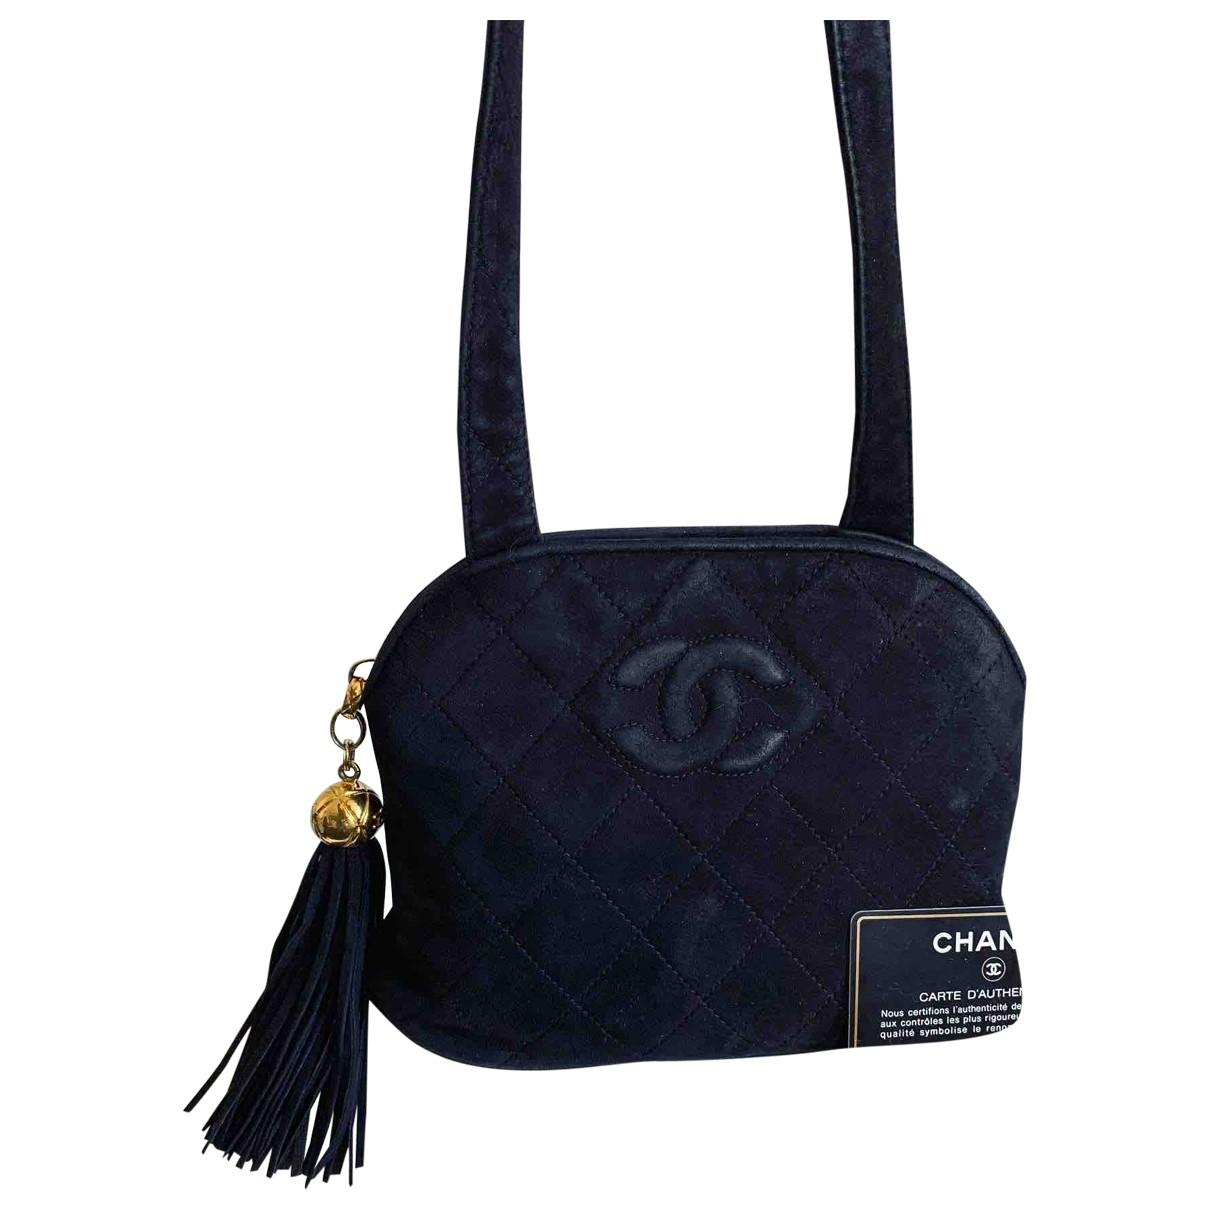 Chanel - Sac a main   pour femme en suede - noir